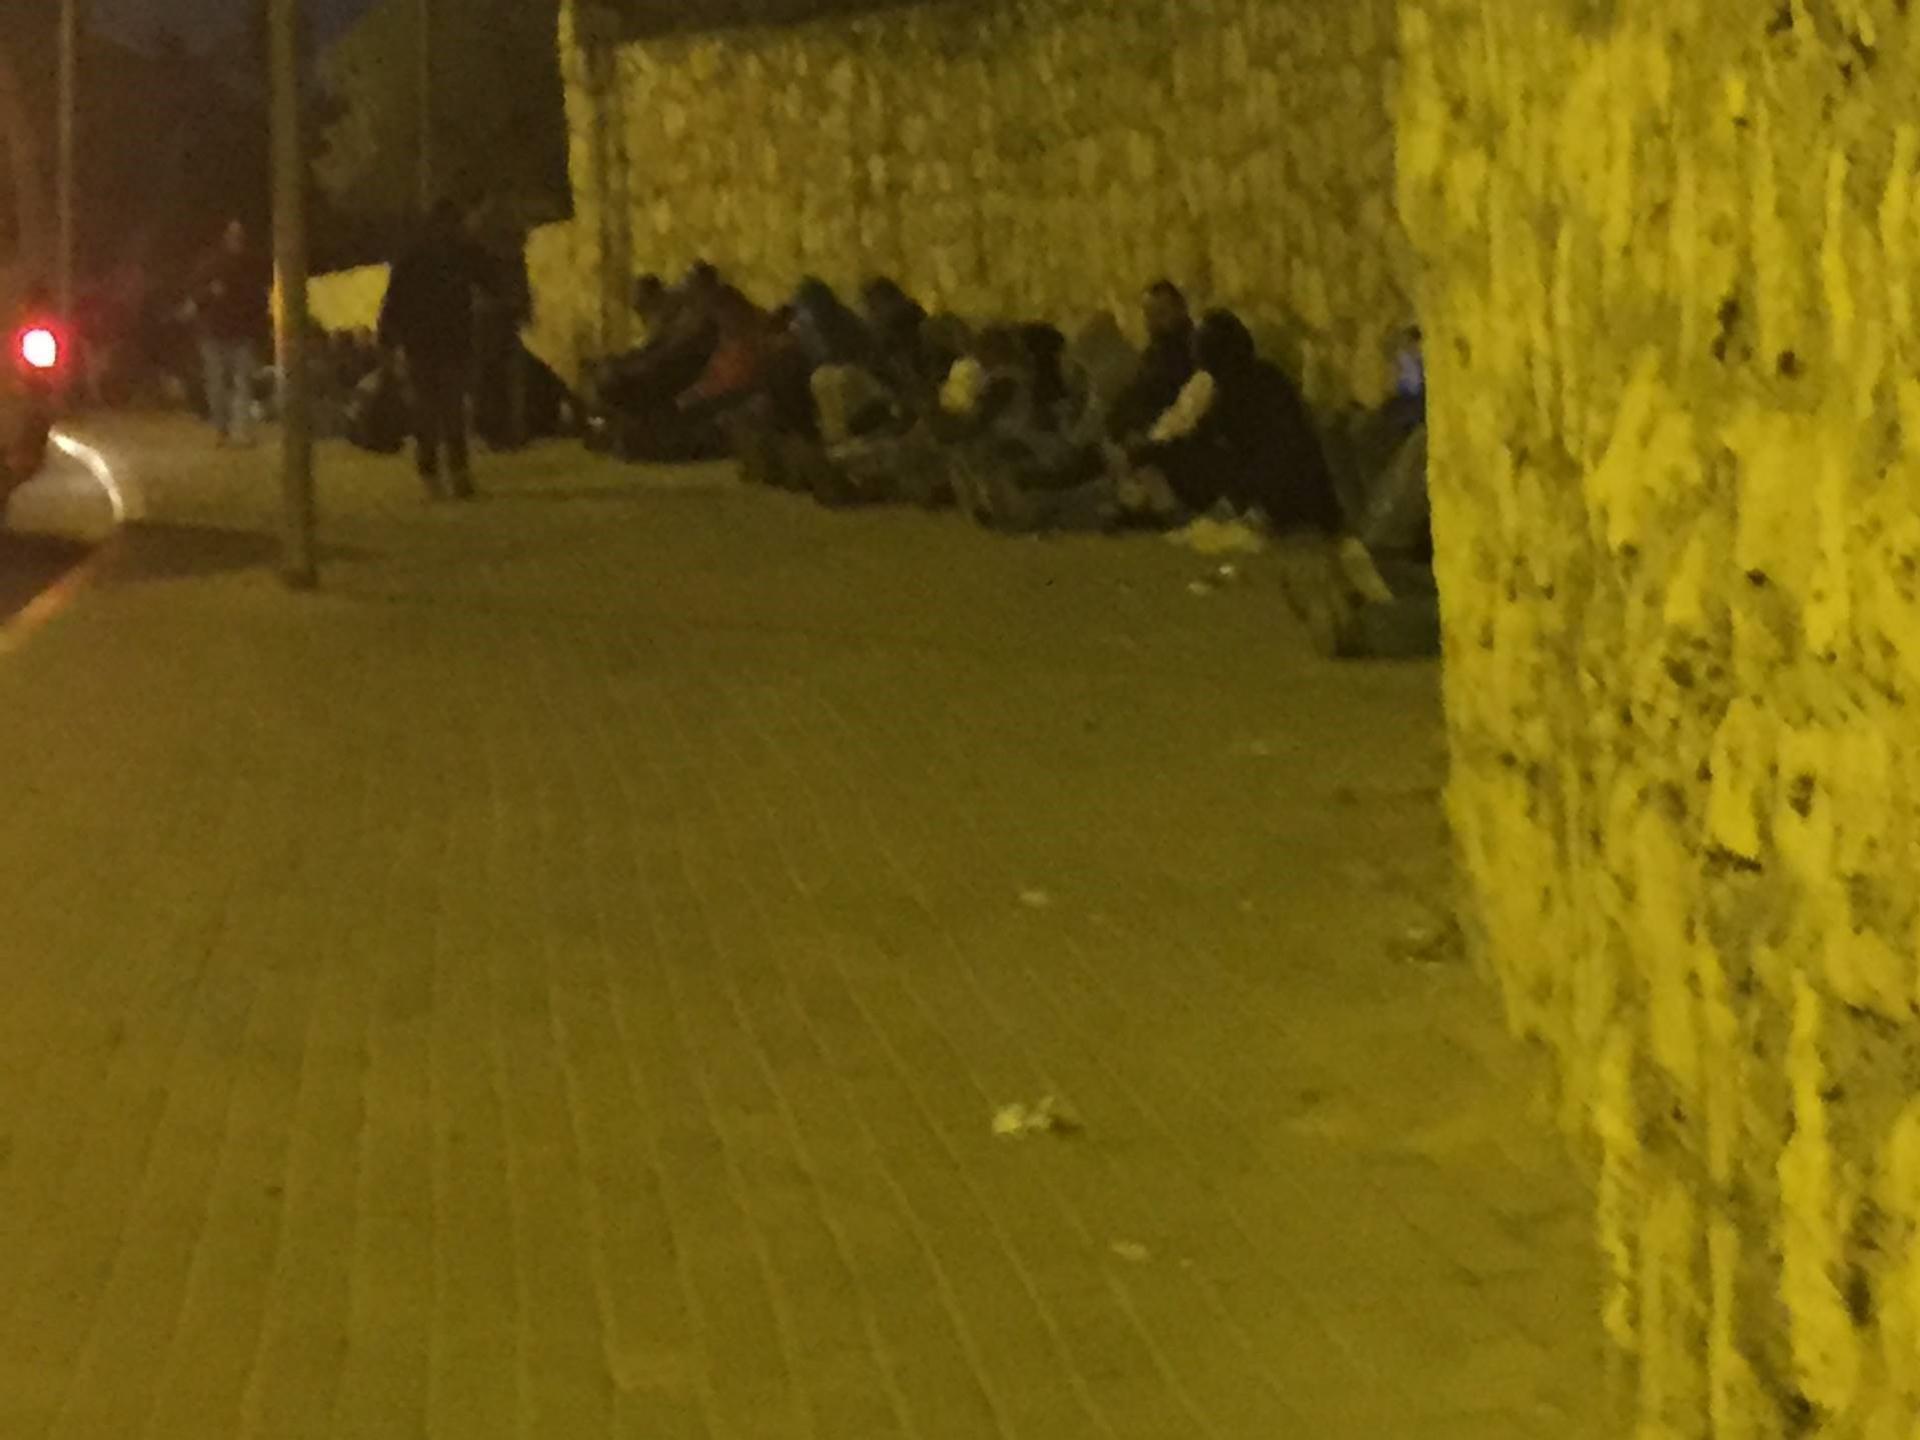 מחסום בית לחם 05:15: ממתינים על המדרכות, מנמנמים, שקועים במחשבות